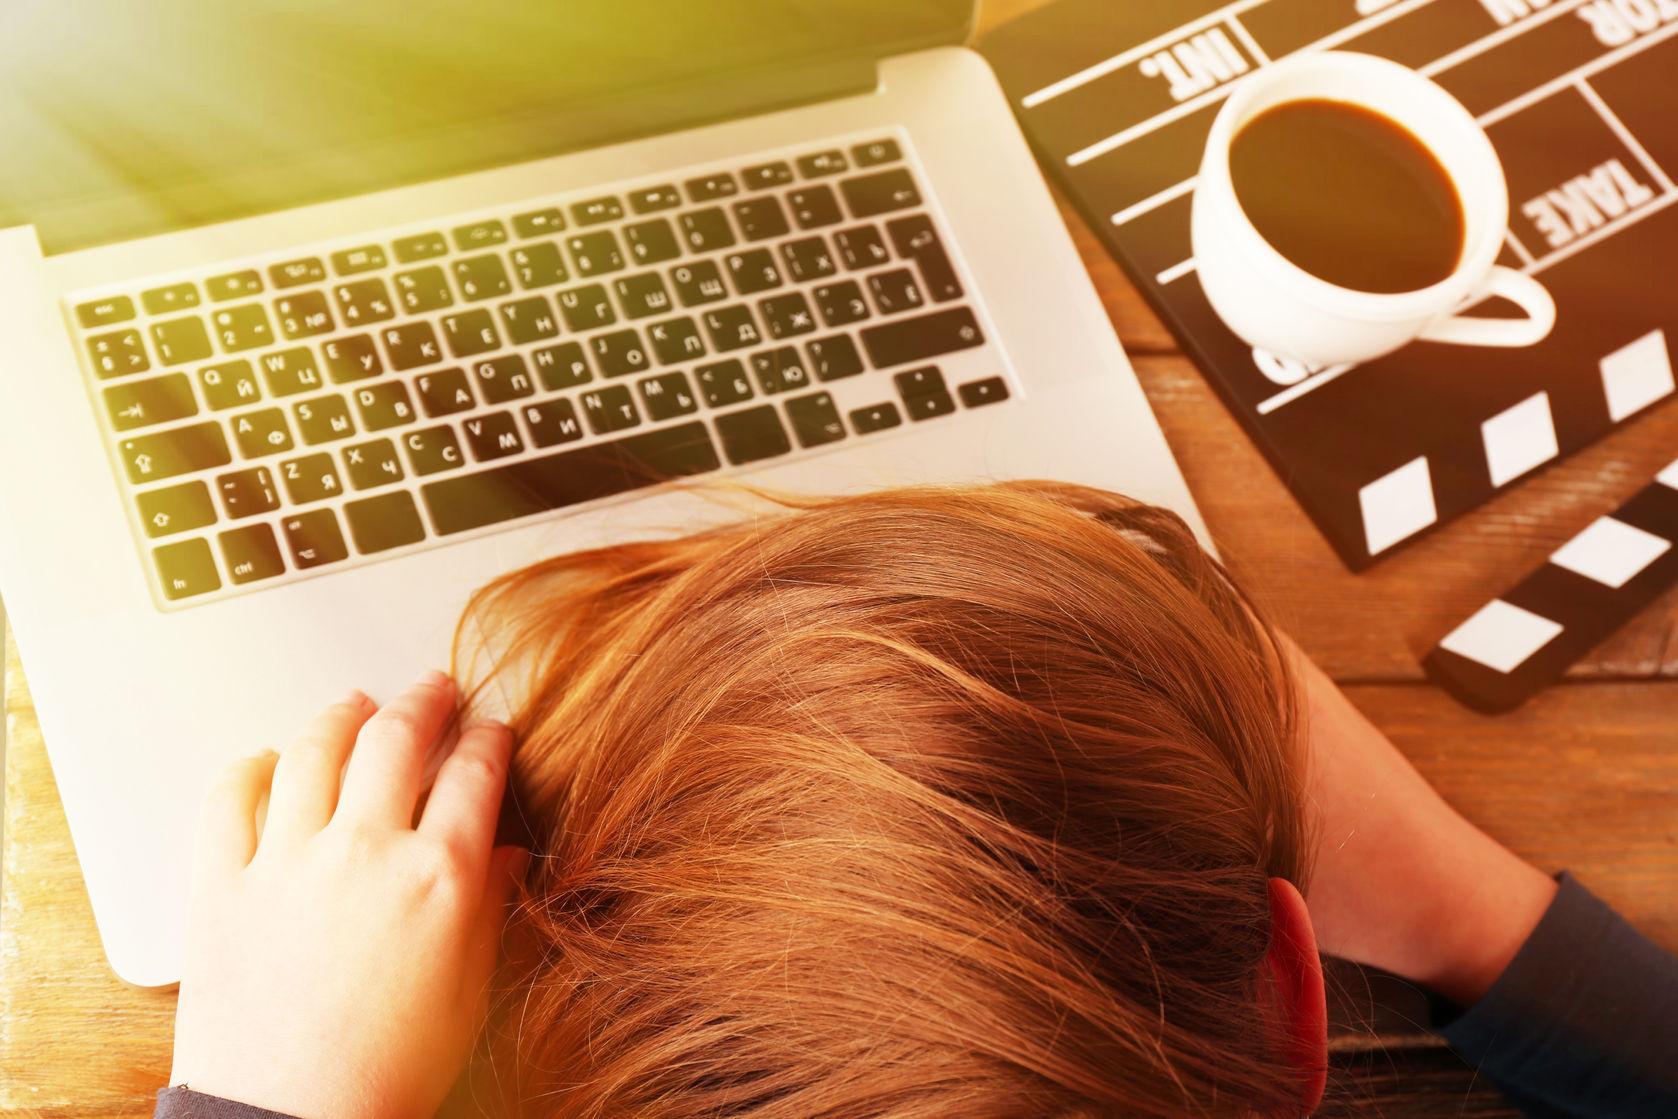 ブログ記事執筆を時間短縮できる裏ワザ?